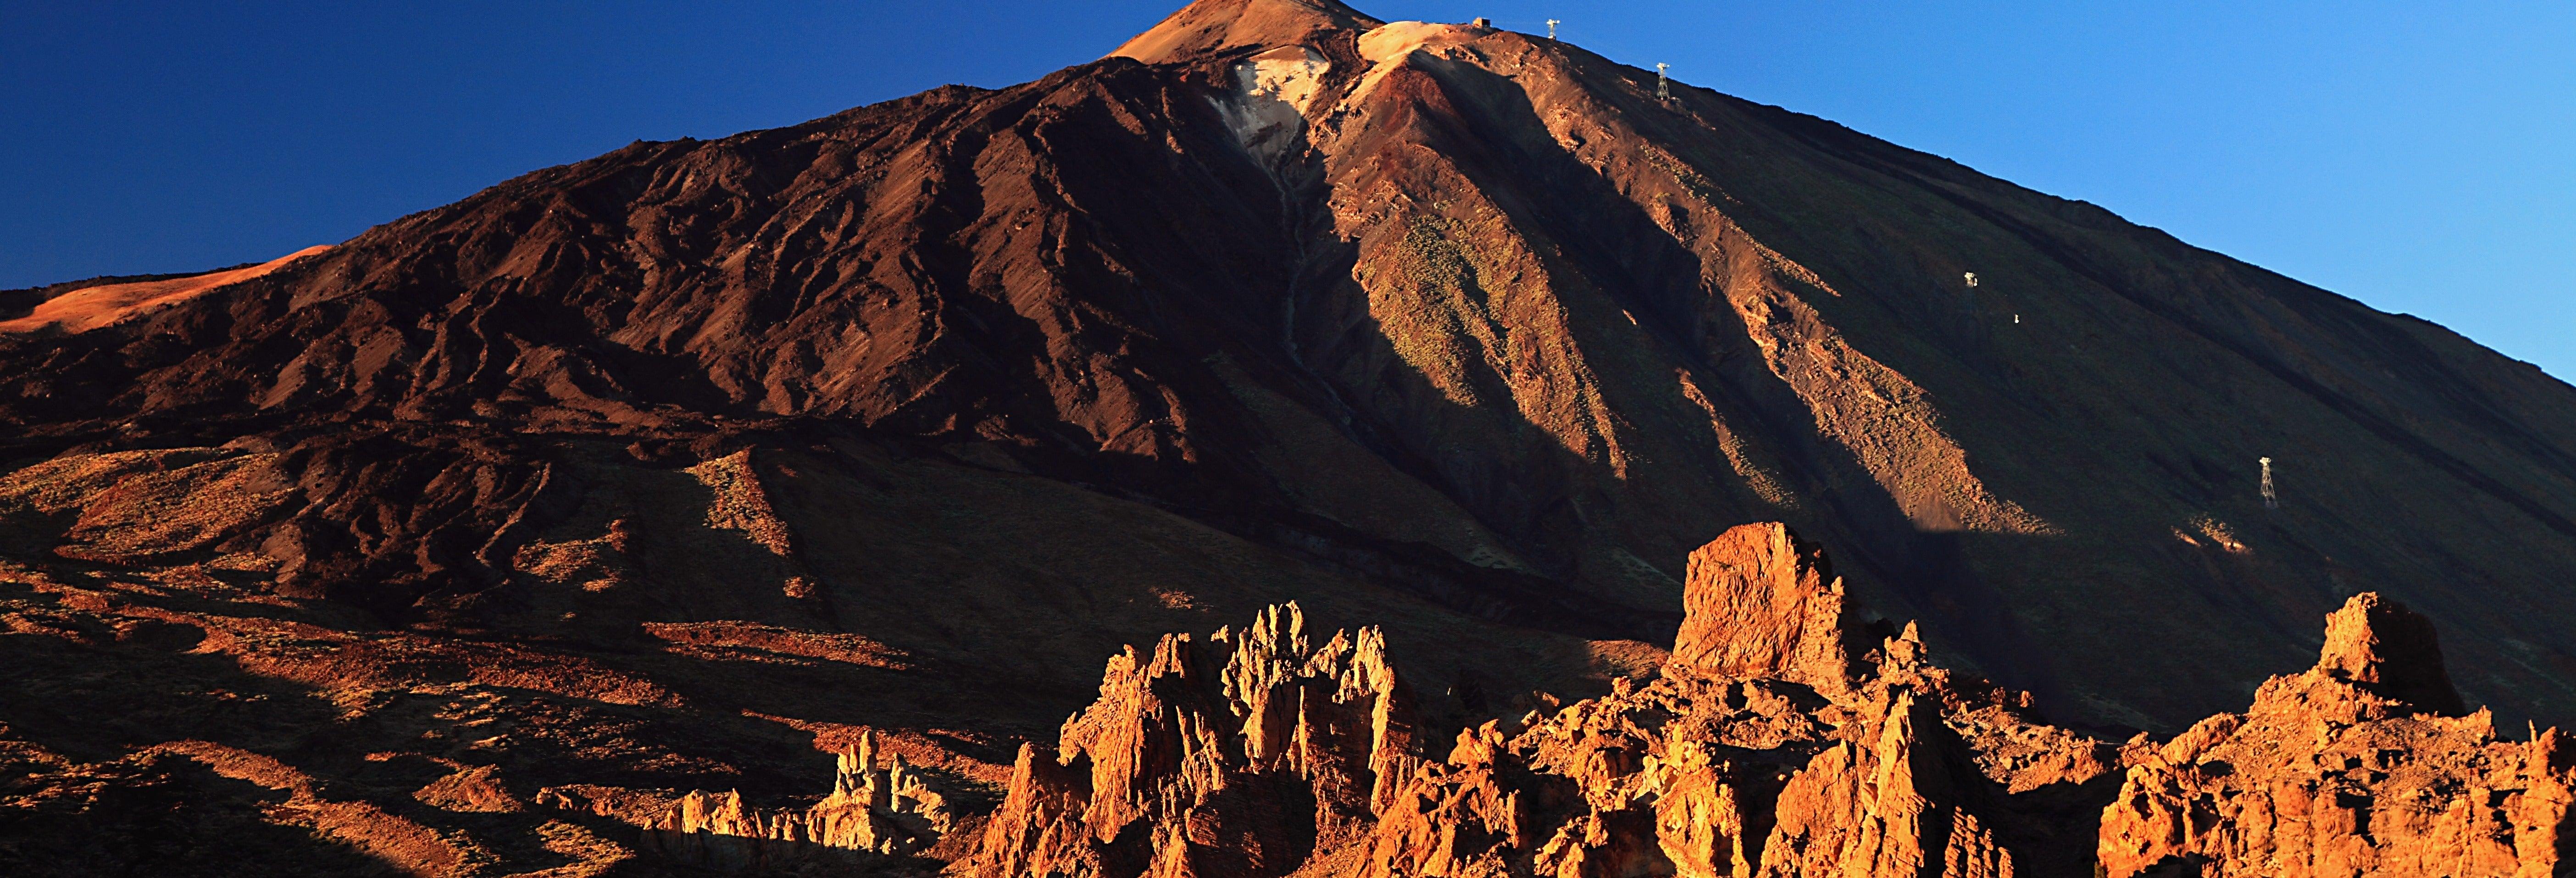 Teleférico del Teide al atardecer con ruta de senderismo